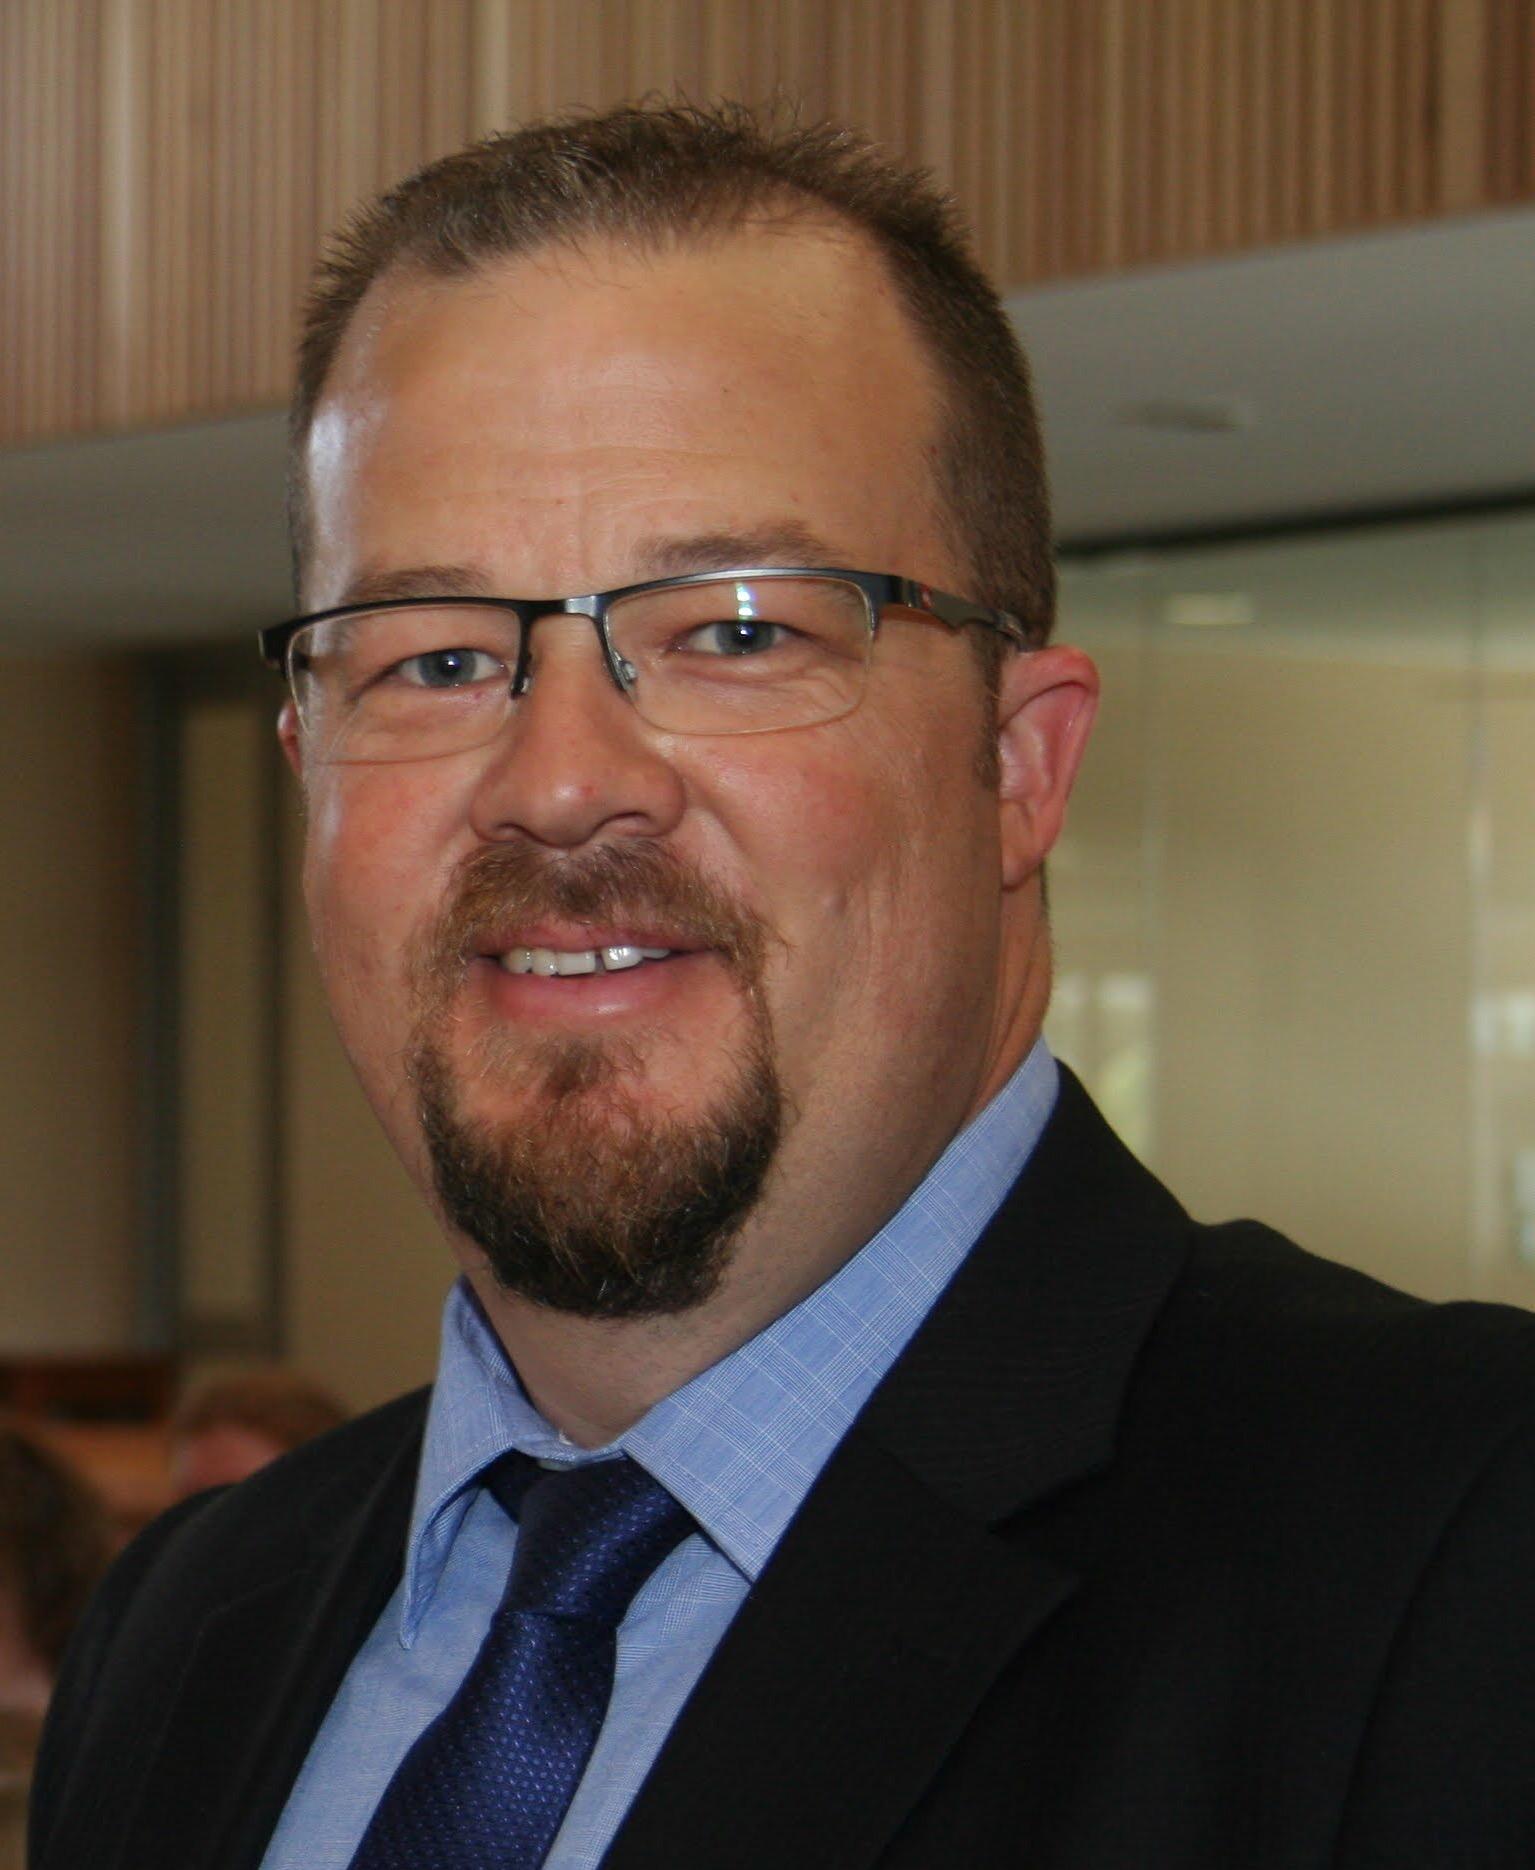 Andrew Mansbridge